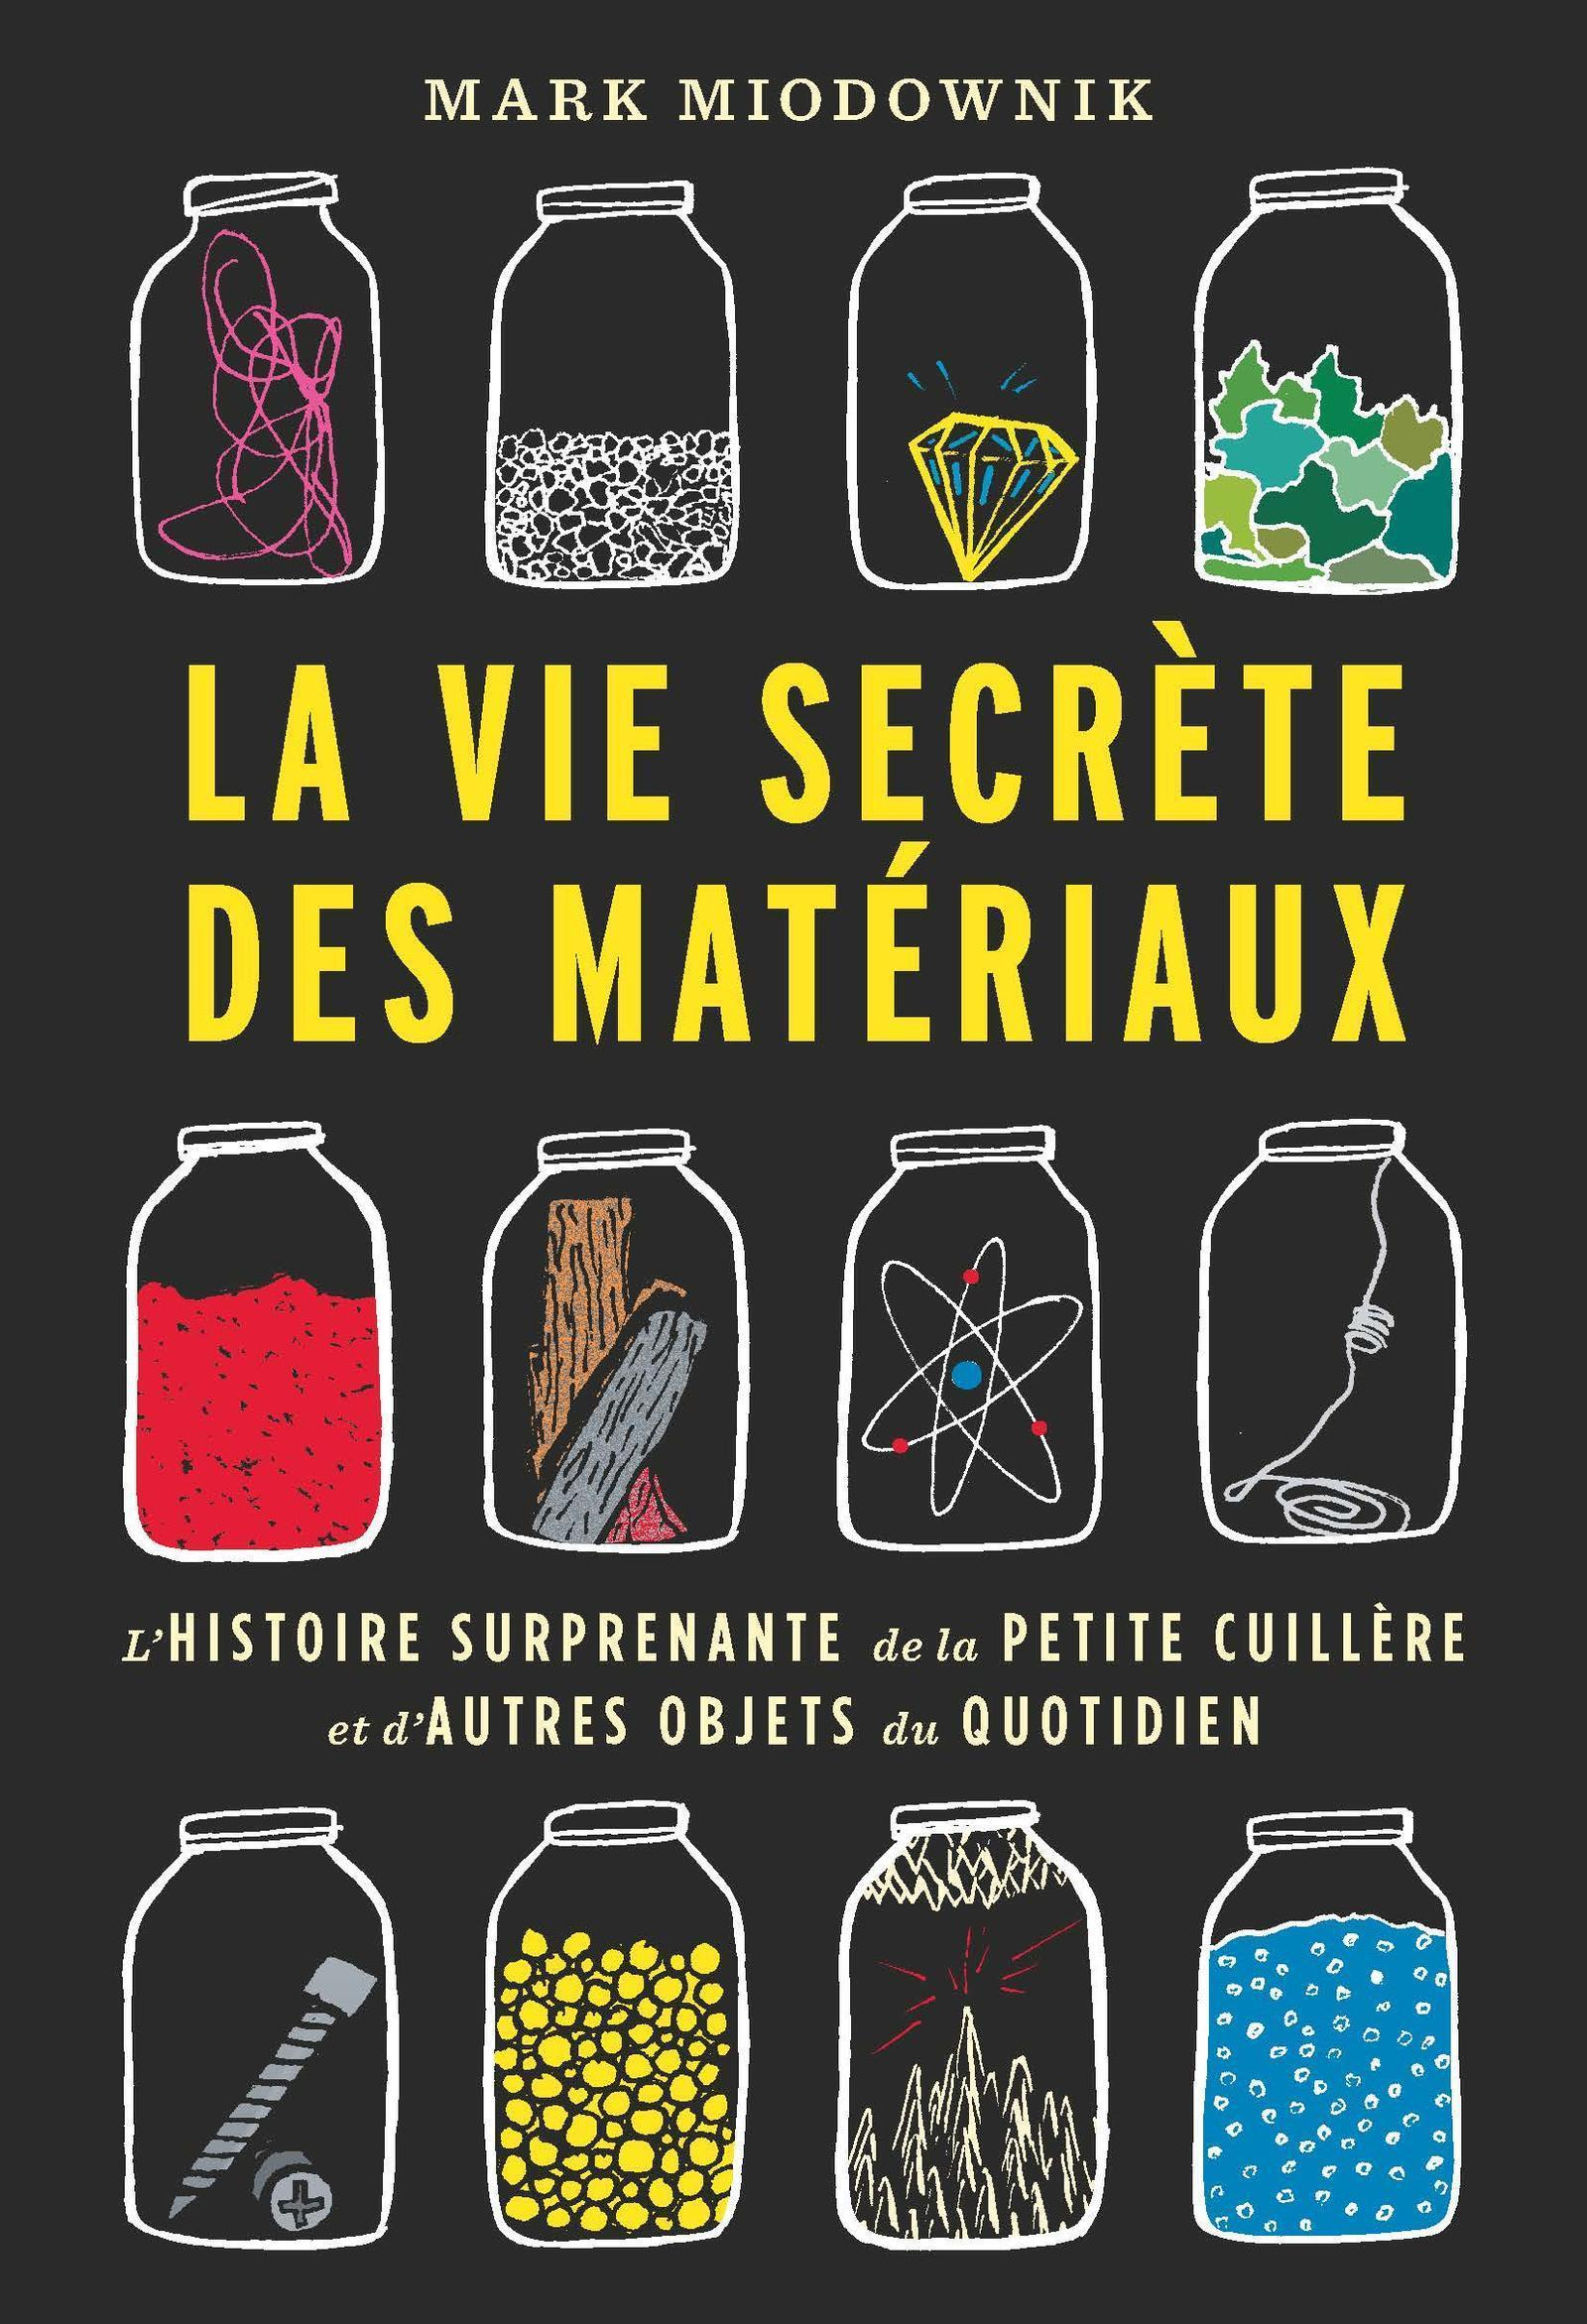 LA VIE SECRETE DES MATERIAUX - L'HISTOIRE SURPRENANTE DE LA PETITE CUILLERE ET D'AUTRES OBJETS DU QU